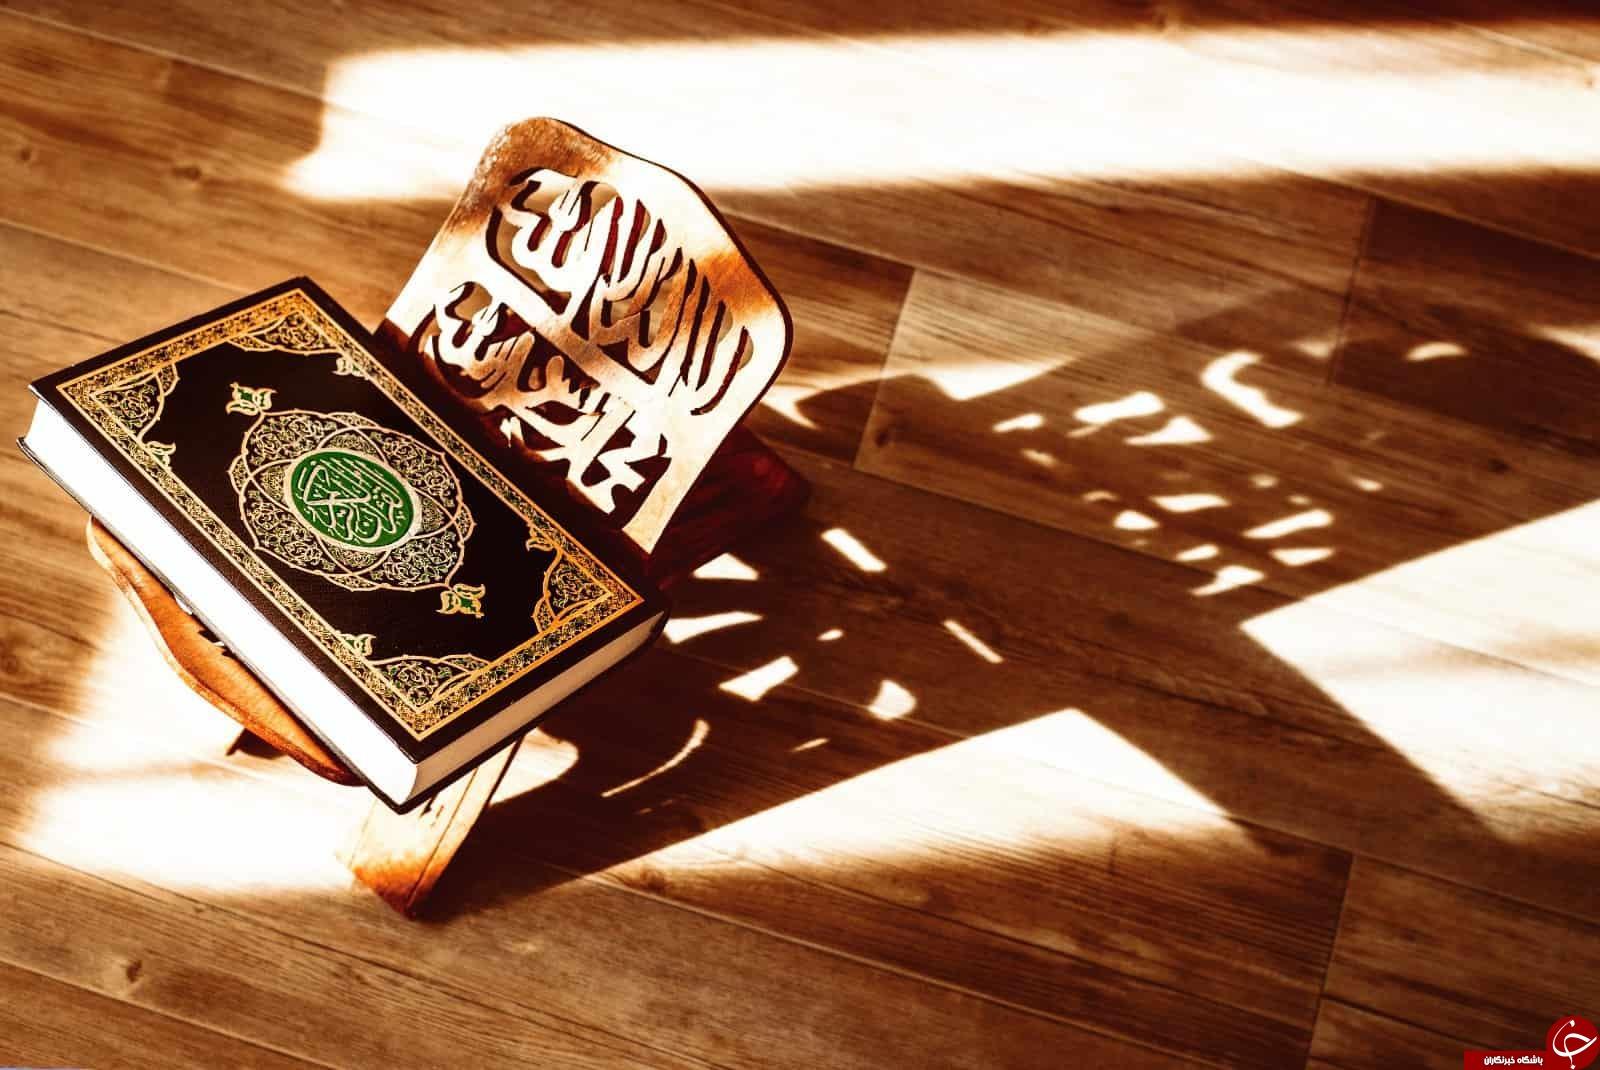 حکم و مجازات تهمت زدن در قرآن و قانون/ تهمت در احادیث